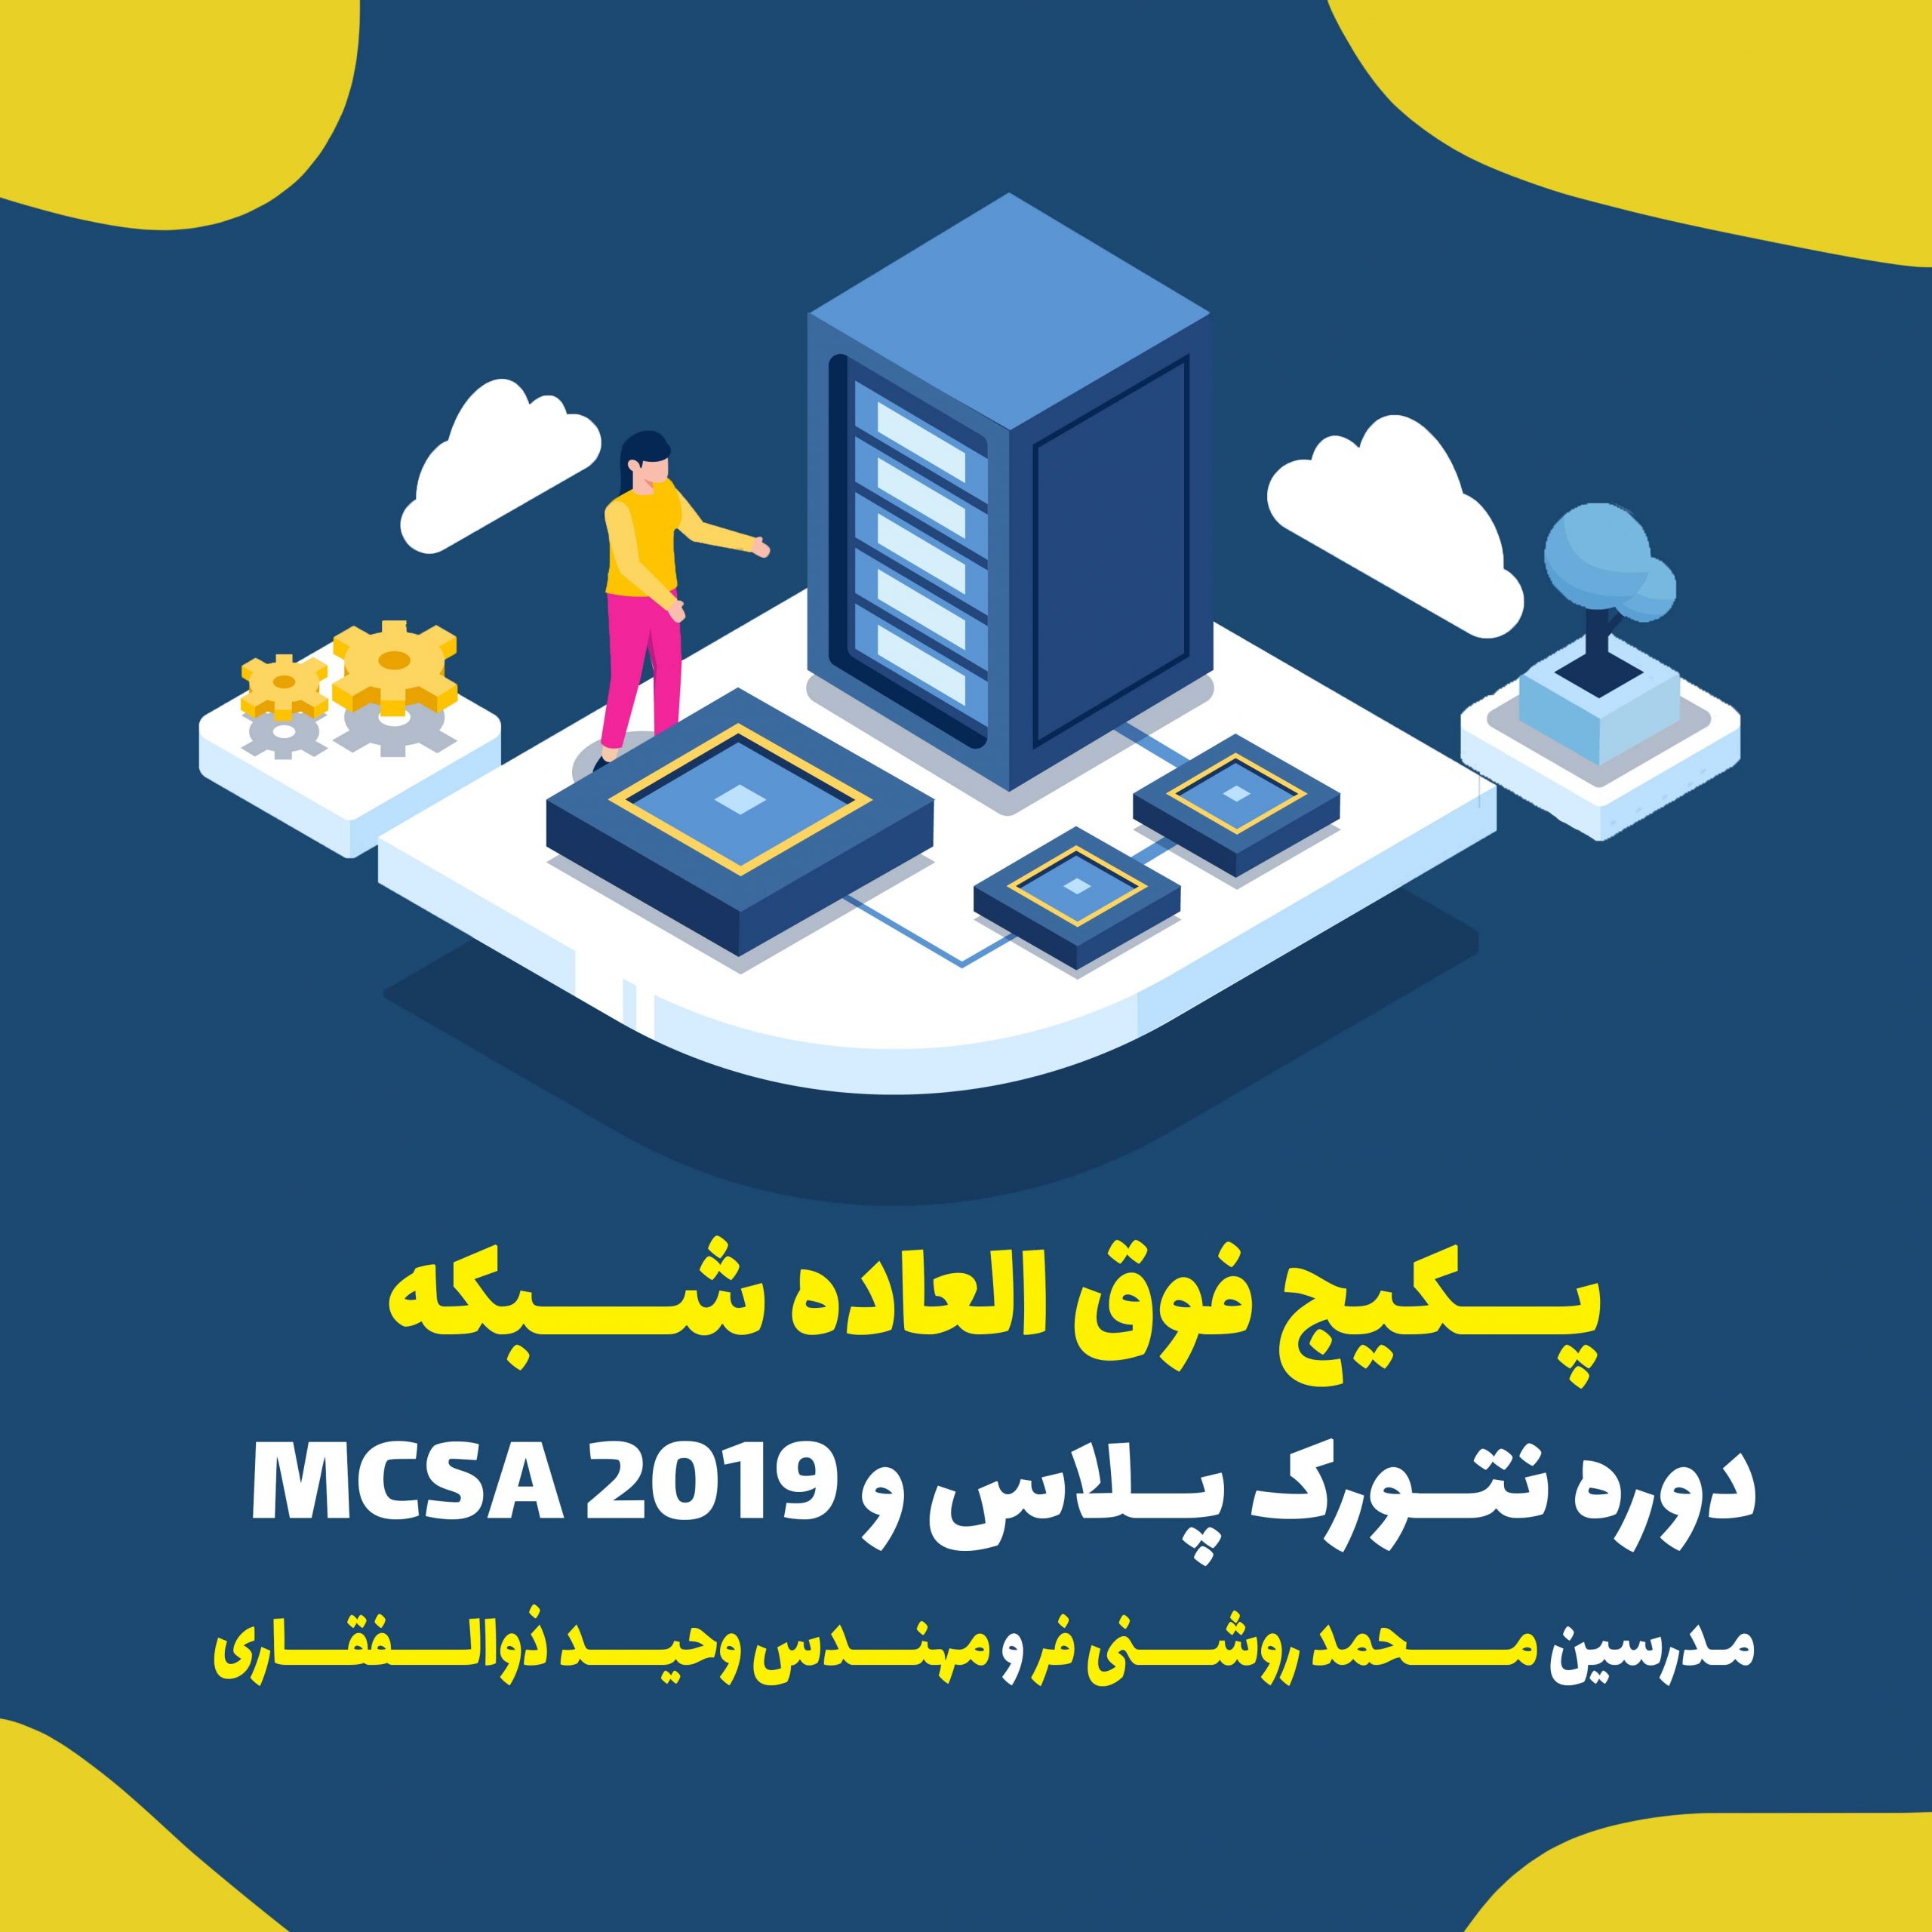 دوره نتورک پلاس و MCSA 2019